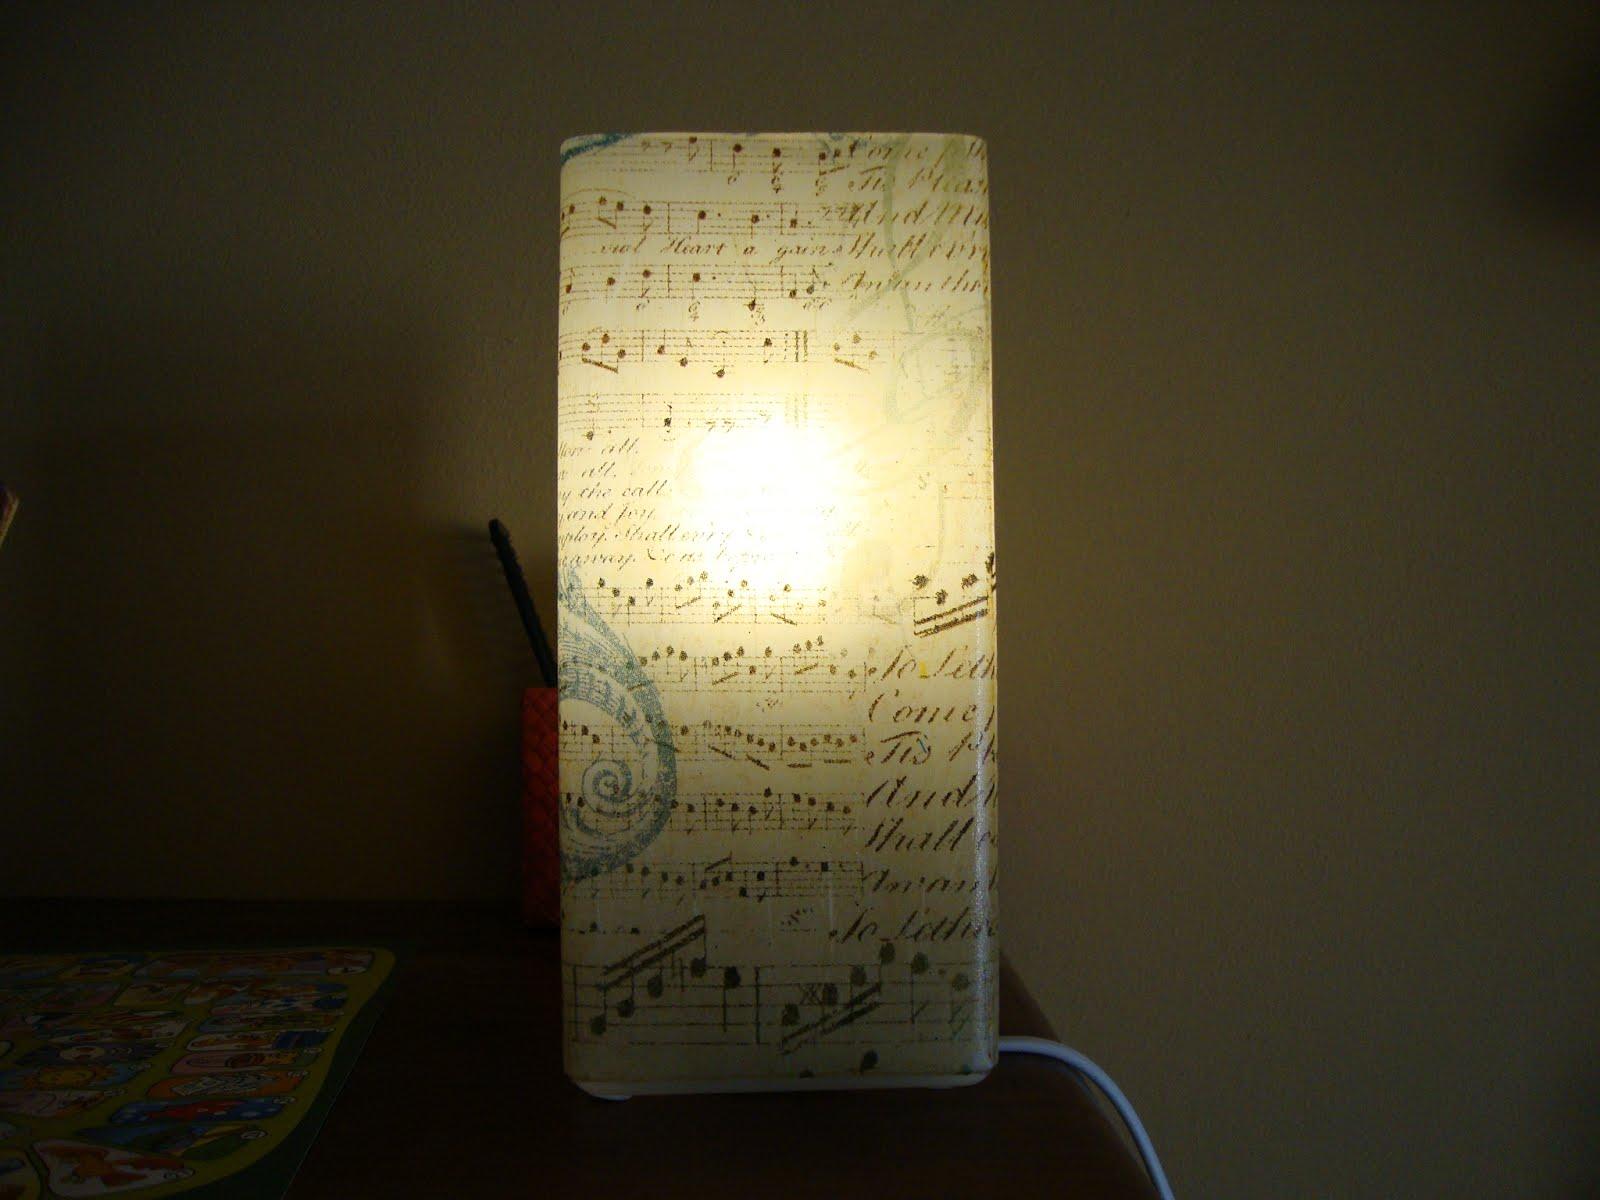 Manualidades de noemi desde menorca lamparas para el sal n - Lamparas de papel de arroz ...